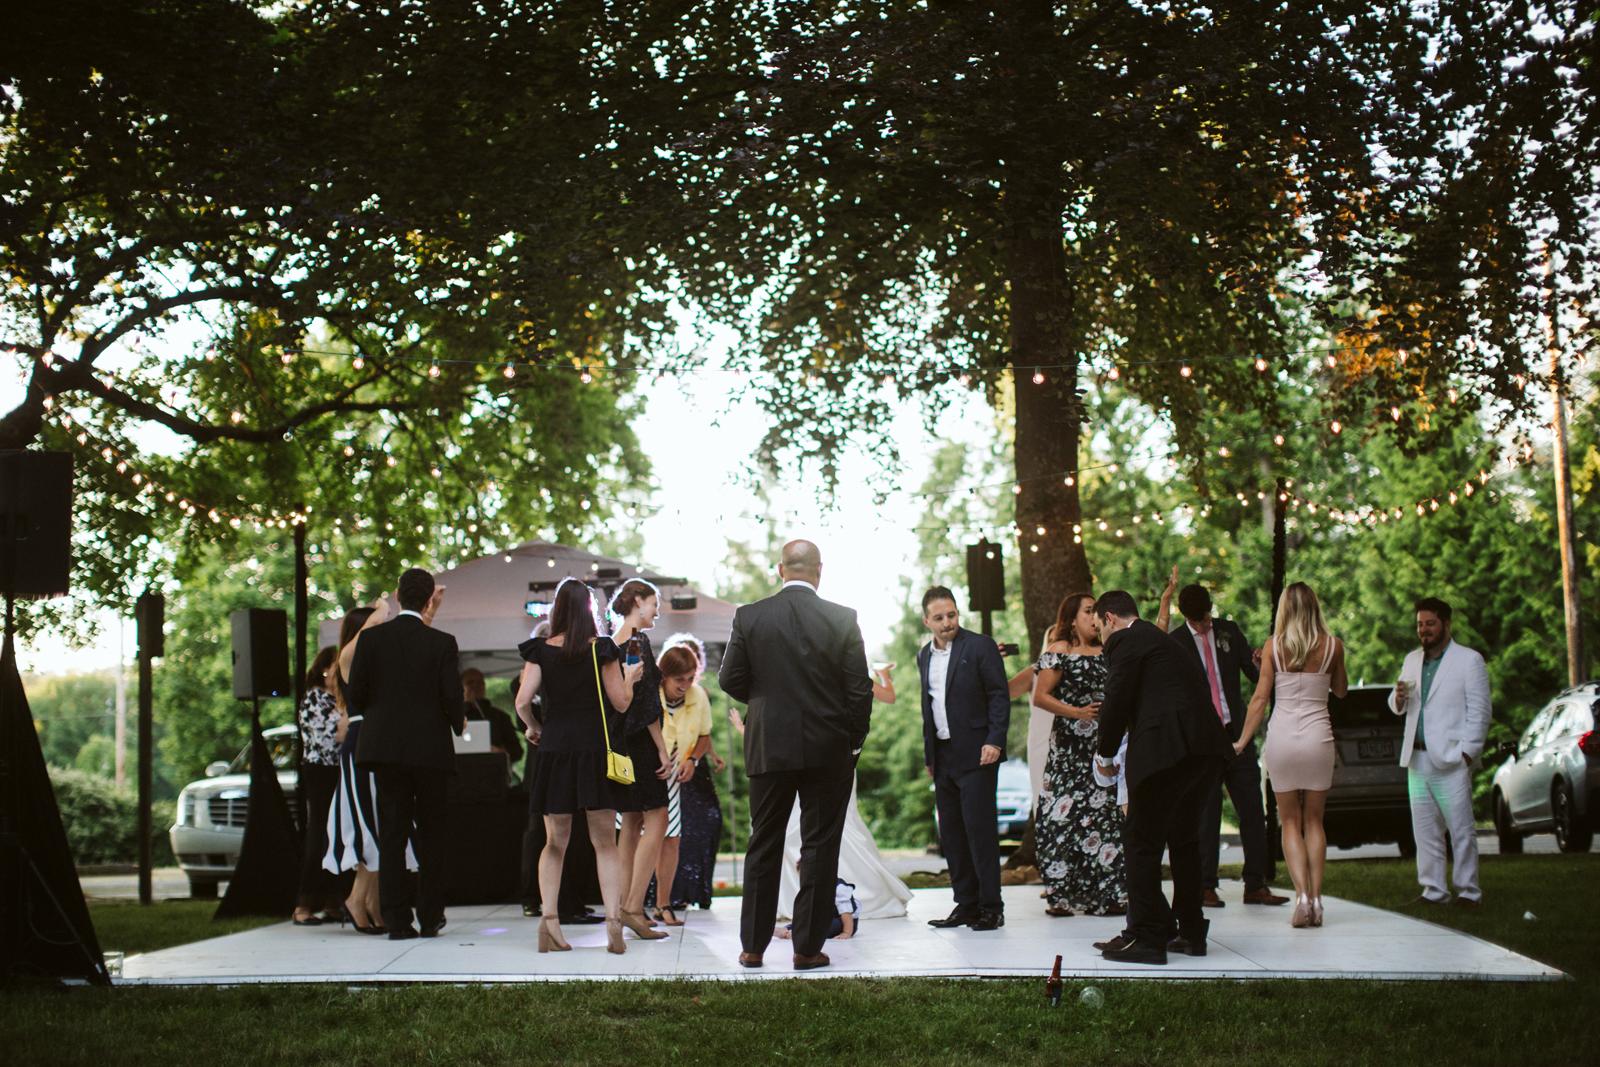 179-daronjackson-gabby-alec-wedding.jpg